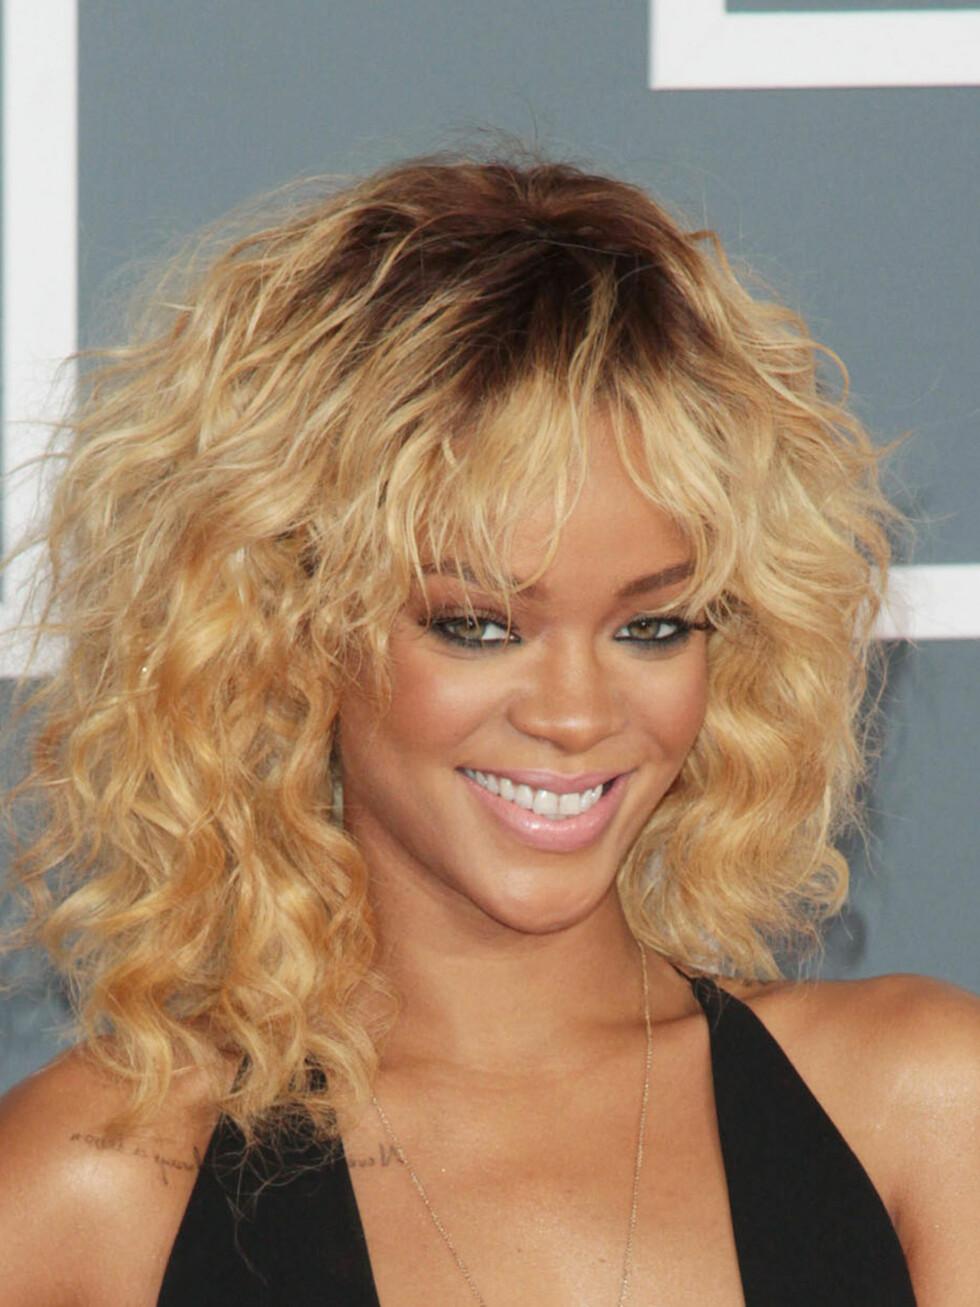 Rihanna har hatt alt fra lyst til mørkt til knallrødt hår. Farger du håret like hyppig som Rihanna, bør du være ekstra nøye med å gi håret masse fuktighet, pleie og gjenoppbyggende kurer.  Foto: ALL OVER PRESS